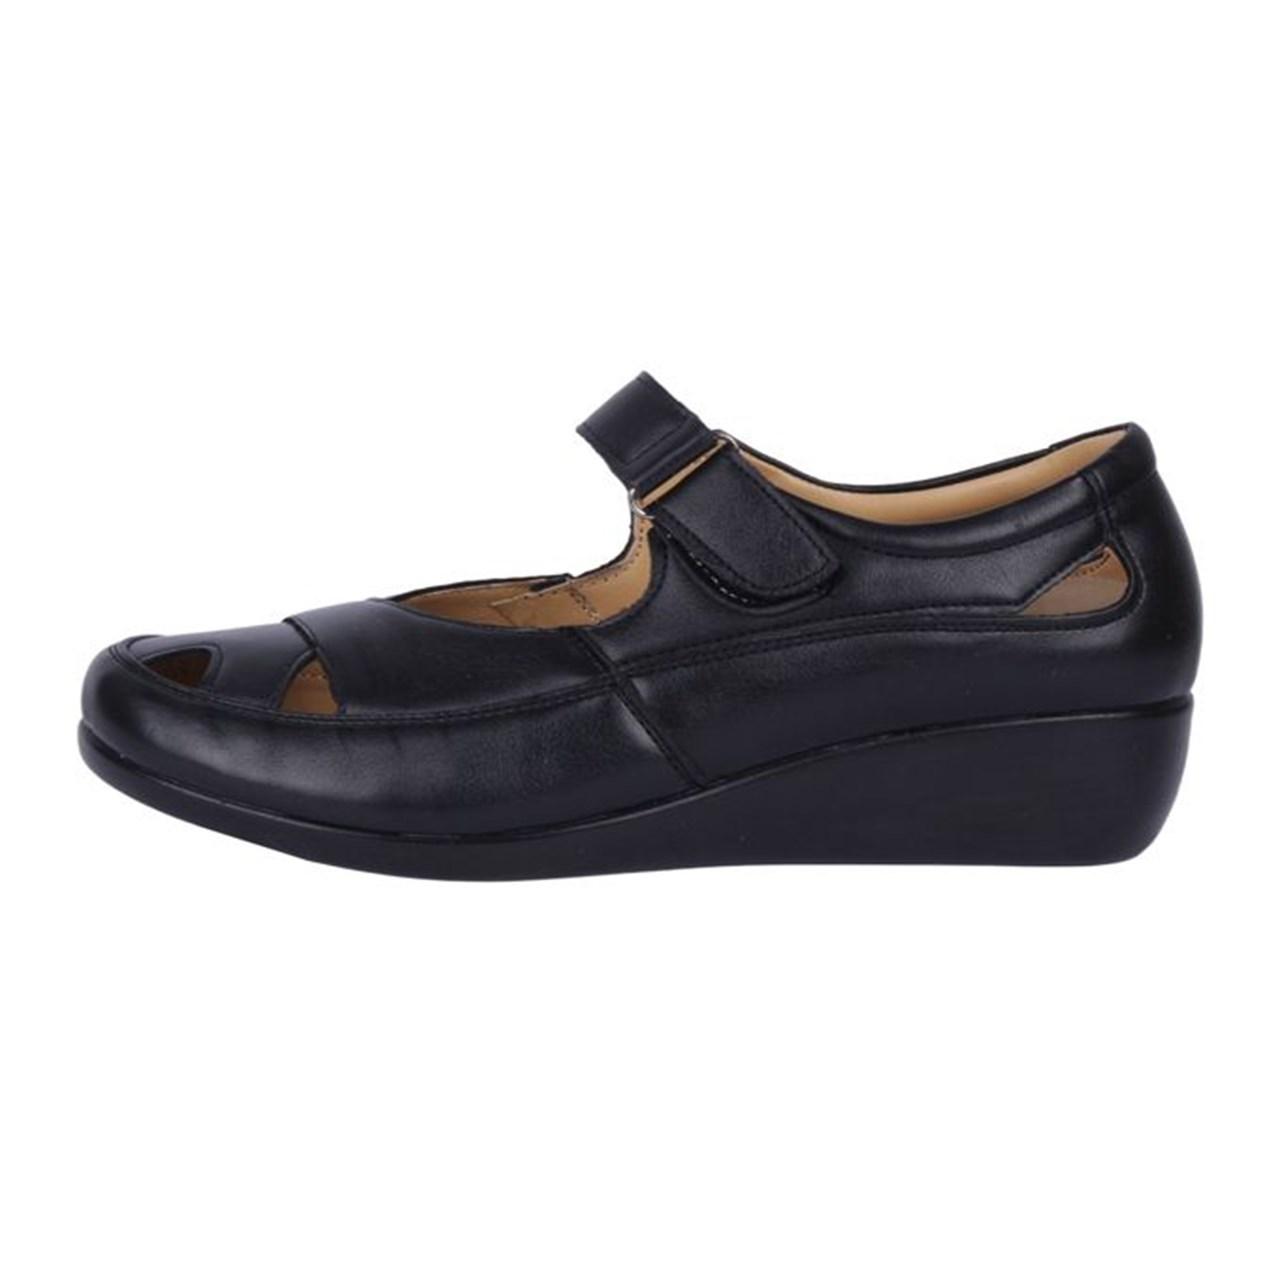 خرید کفش طبی زنانه مهاجر مدل m57m